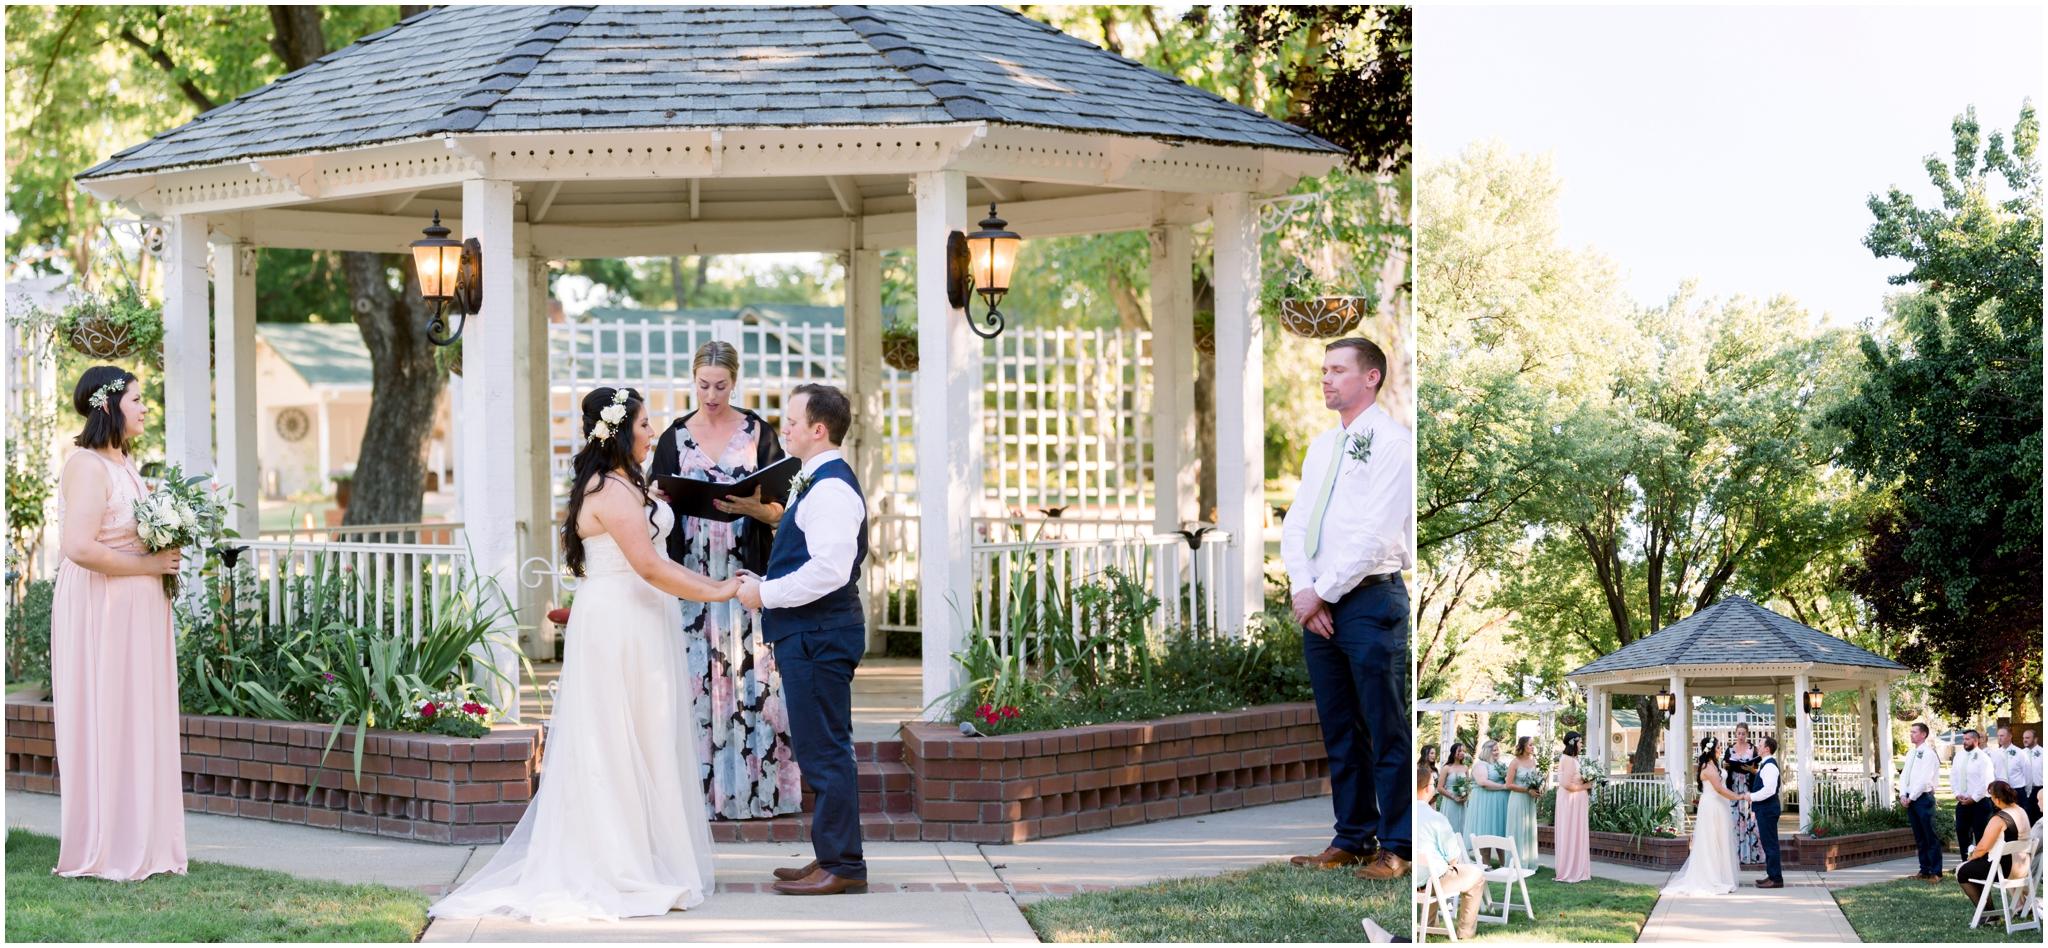 karla_spencer_wedding_blog_0010.jpg